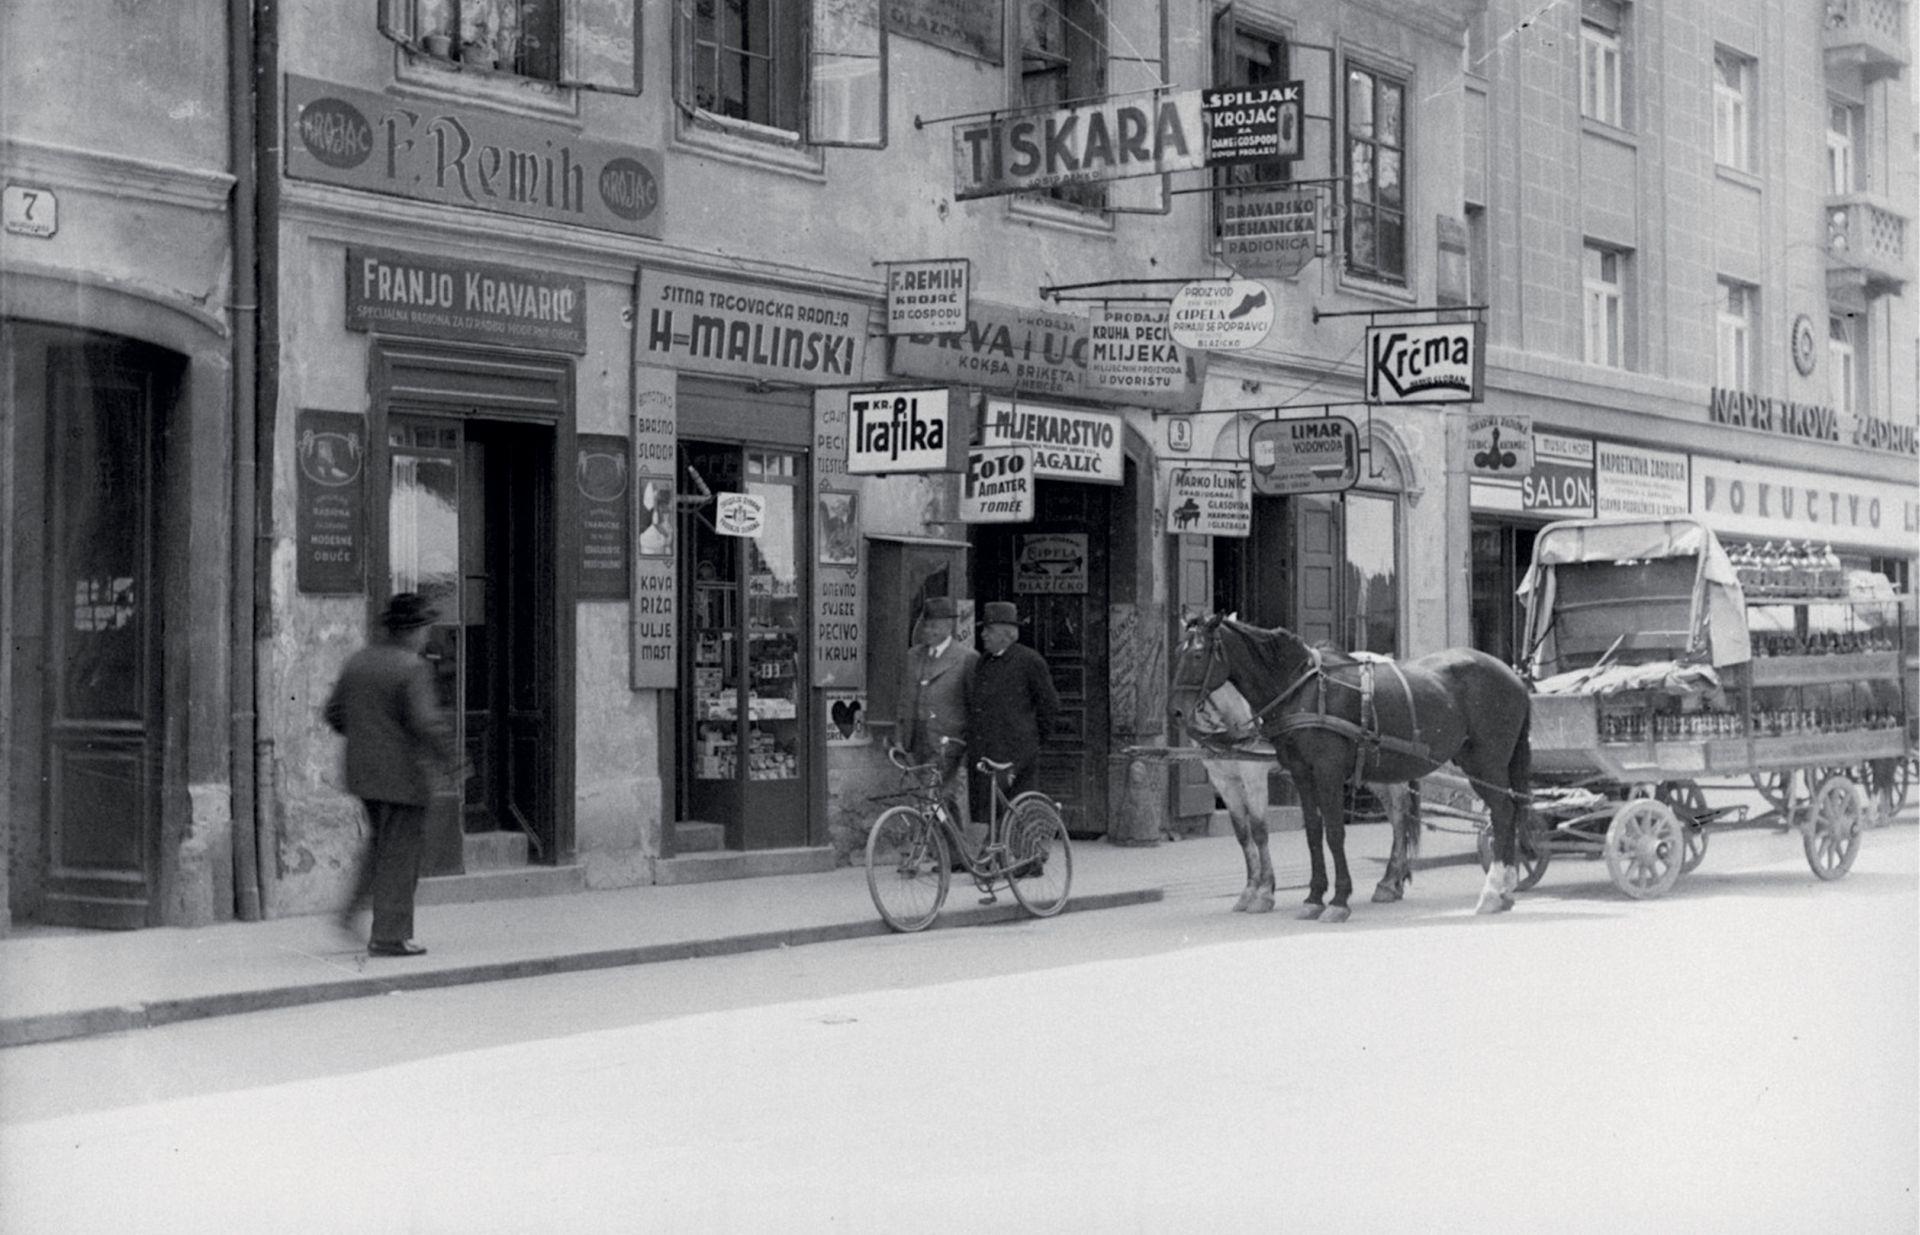 Zagreb 1930-ih: prpošno društvo i procvat kulture unatoč najavama rata